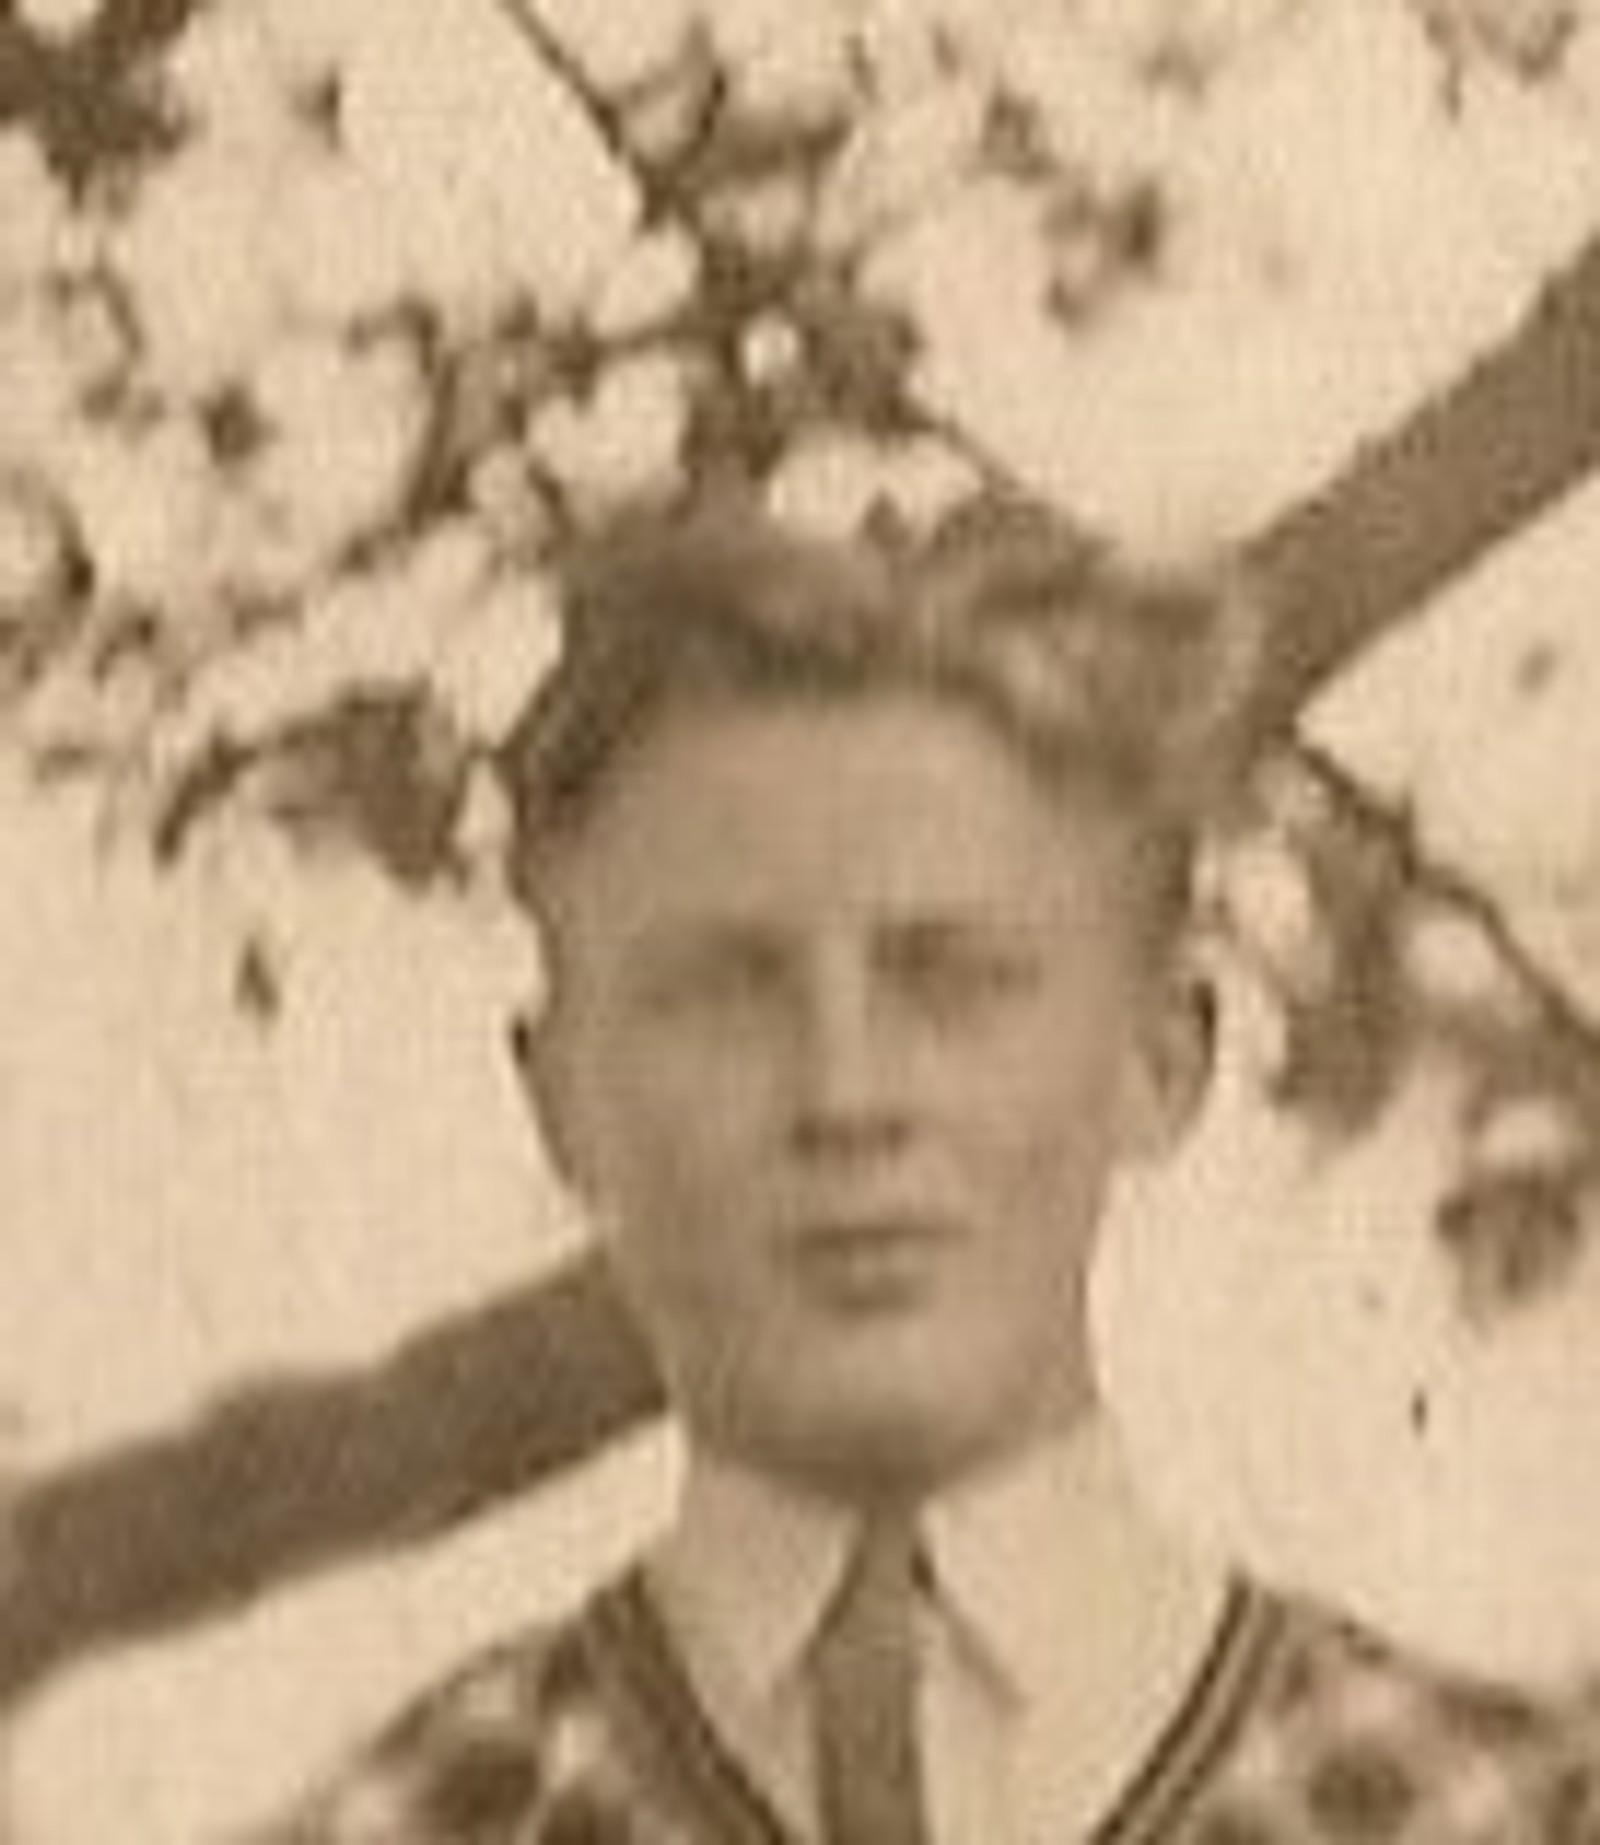 Torgeir Gulbrandsen: Elektromontør, bodde i Sør-Odal. Falt under bombeangrepet 11.april.